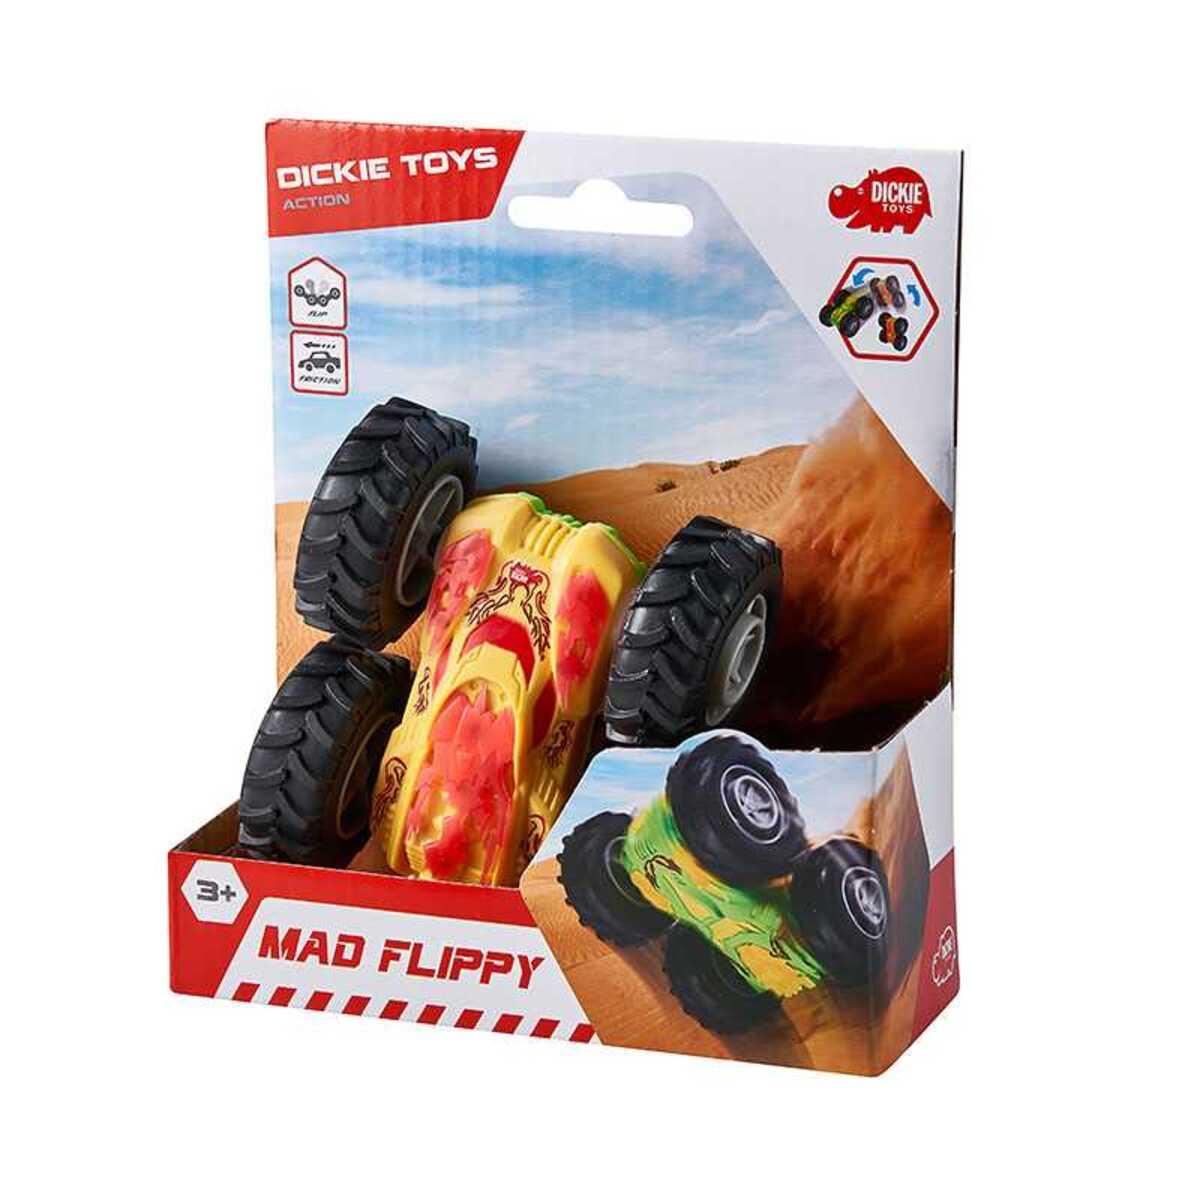 """Bild 2 von Dickie Toys """"Crazy Flippy"""" Spielzeugauto, verschiedene Farben"""